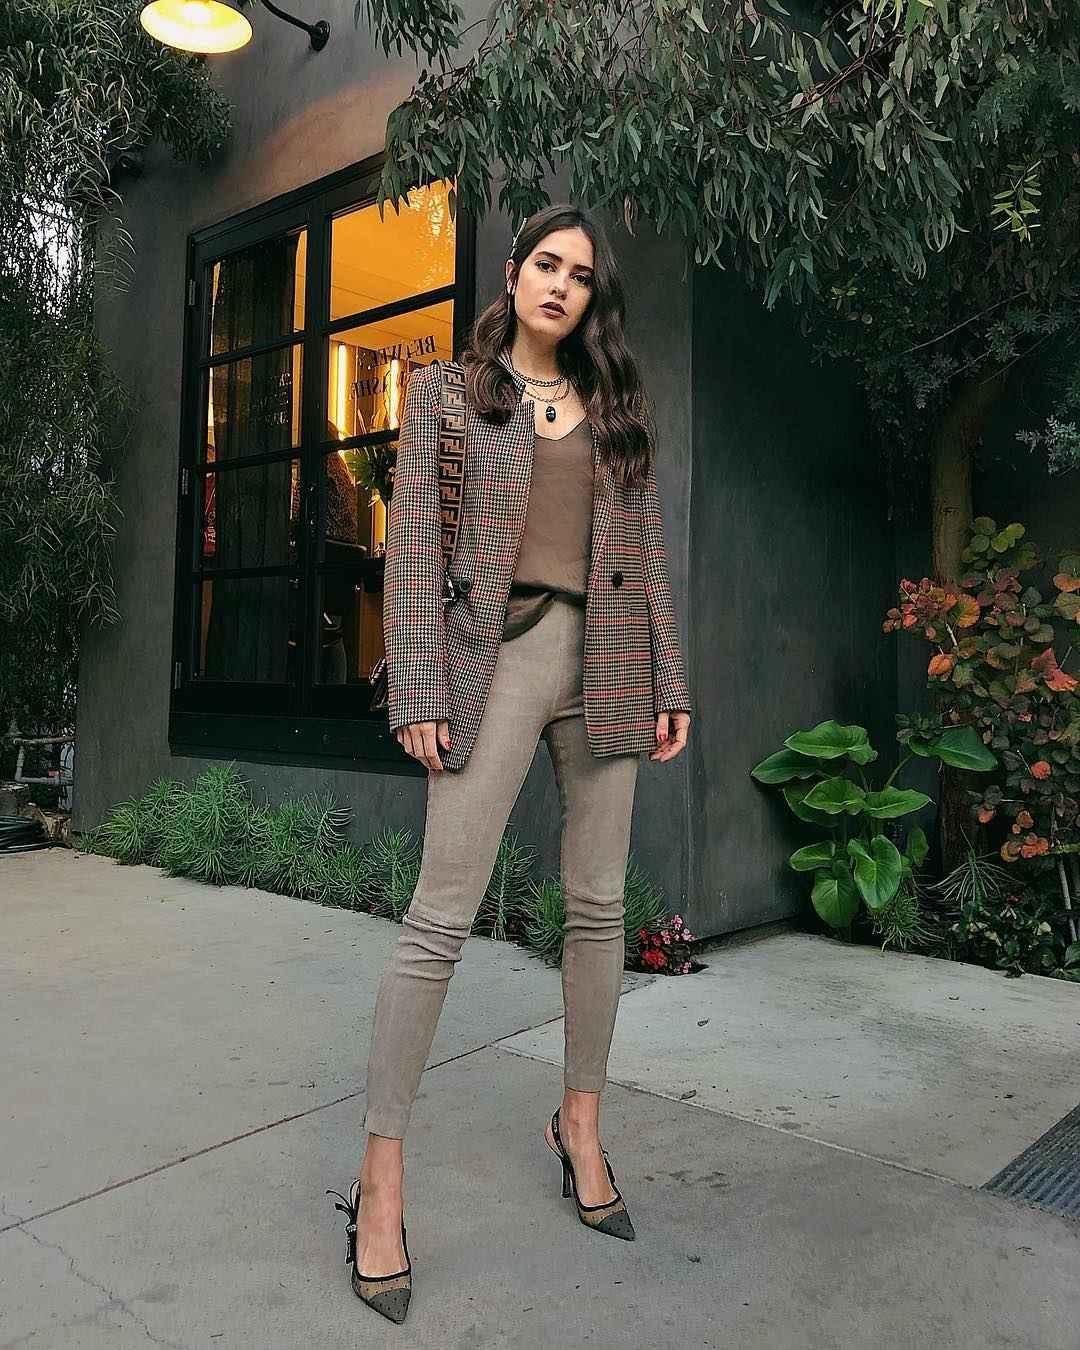 Модный офисный стиль 2019-2020 с брюками фото идеи_11